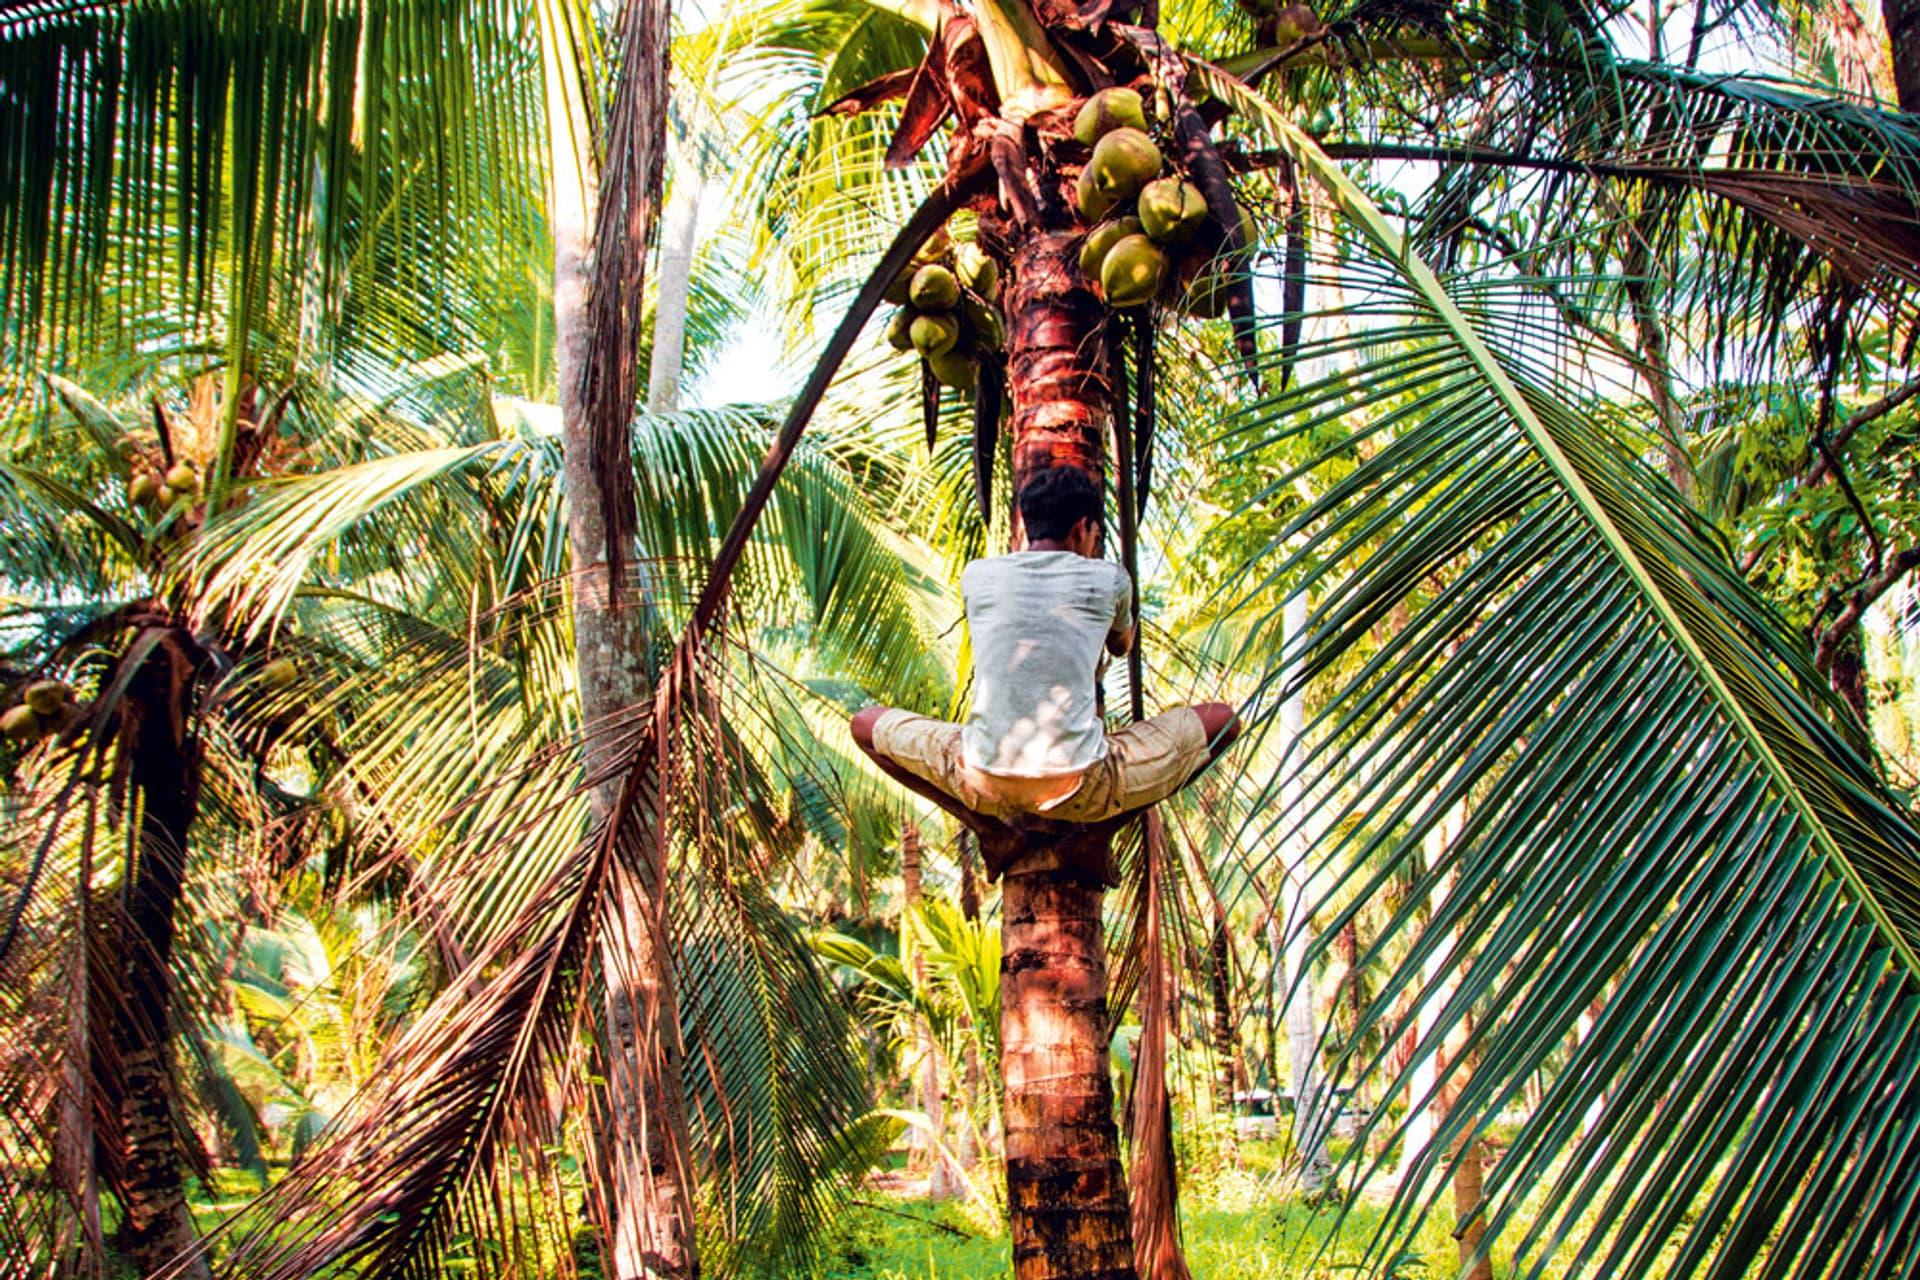 Ein Mann kletttert am Stamm einer Kokosnusspalme hoch, um ihn herum sind noch mehr Palmen.